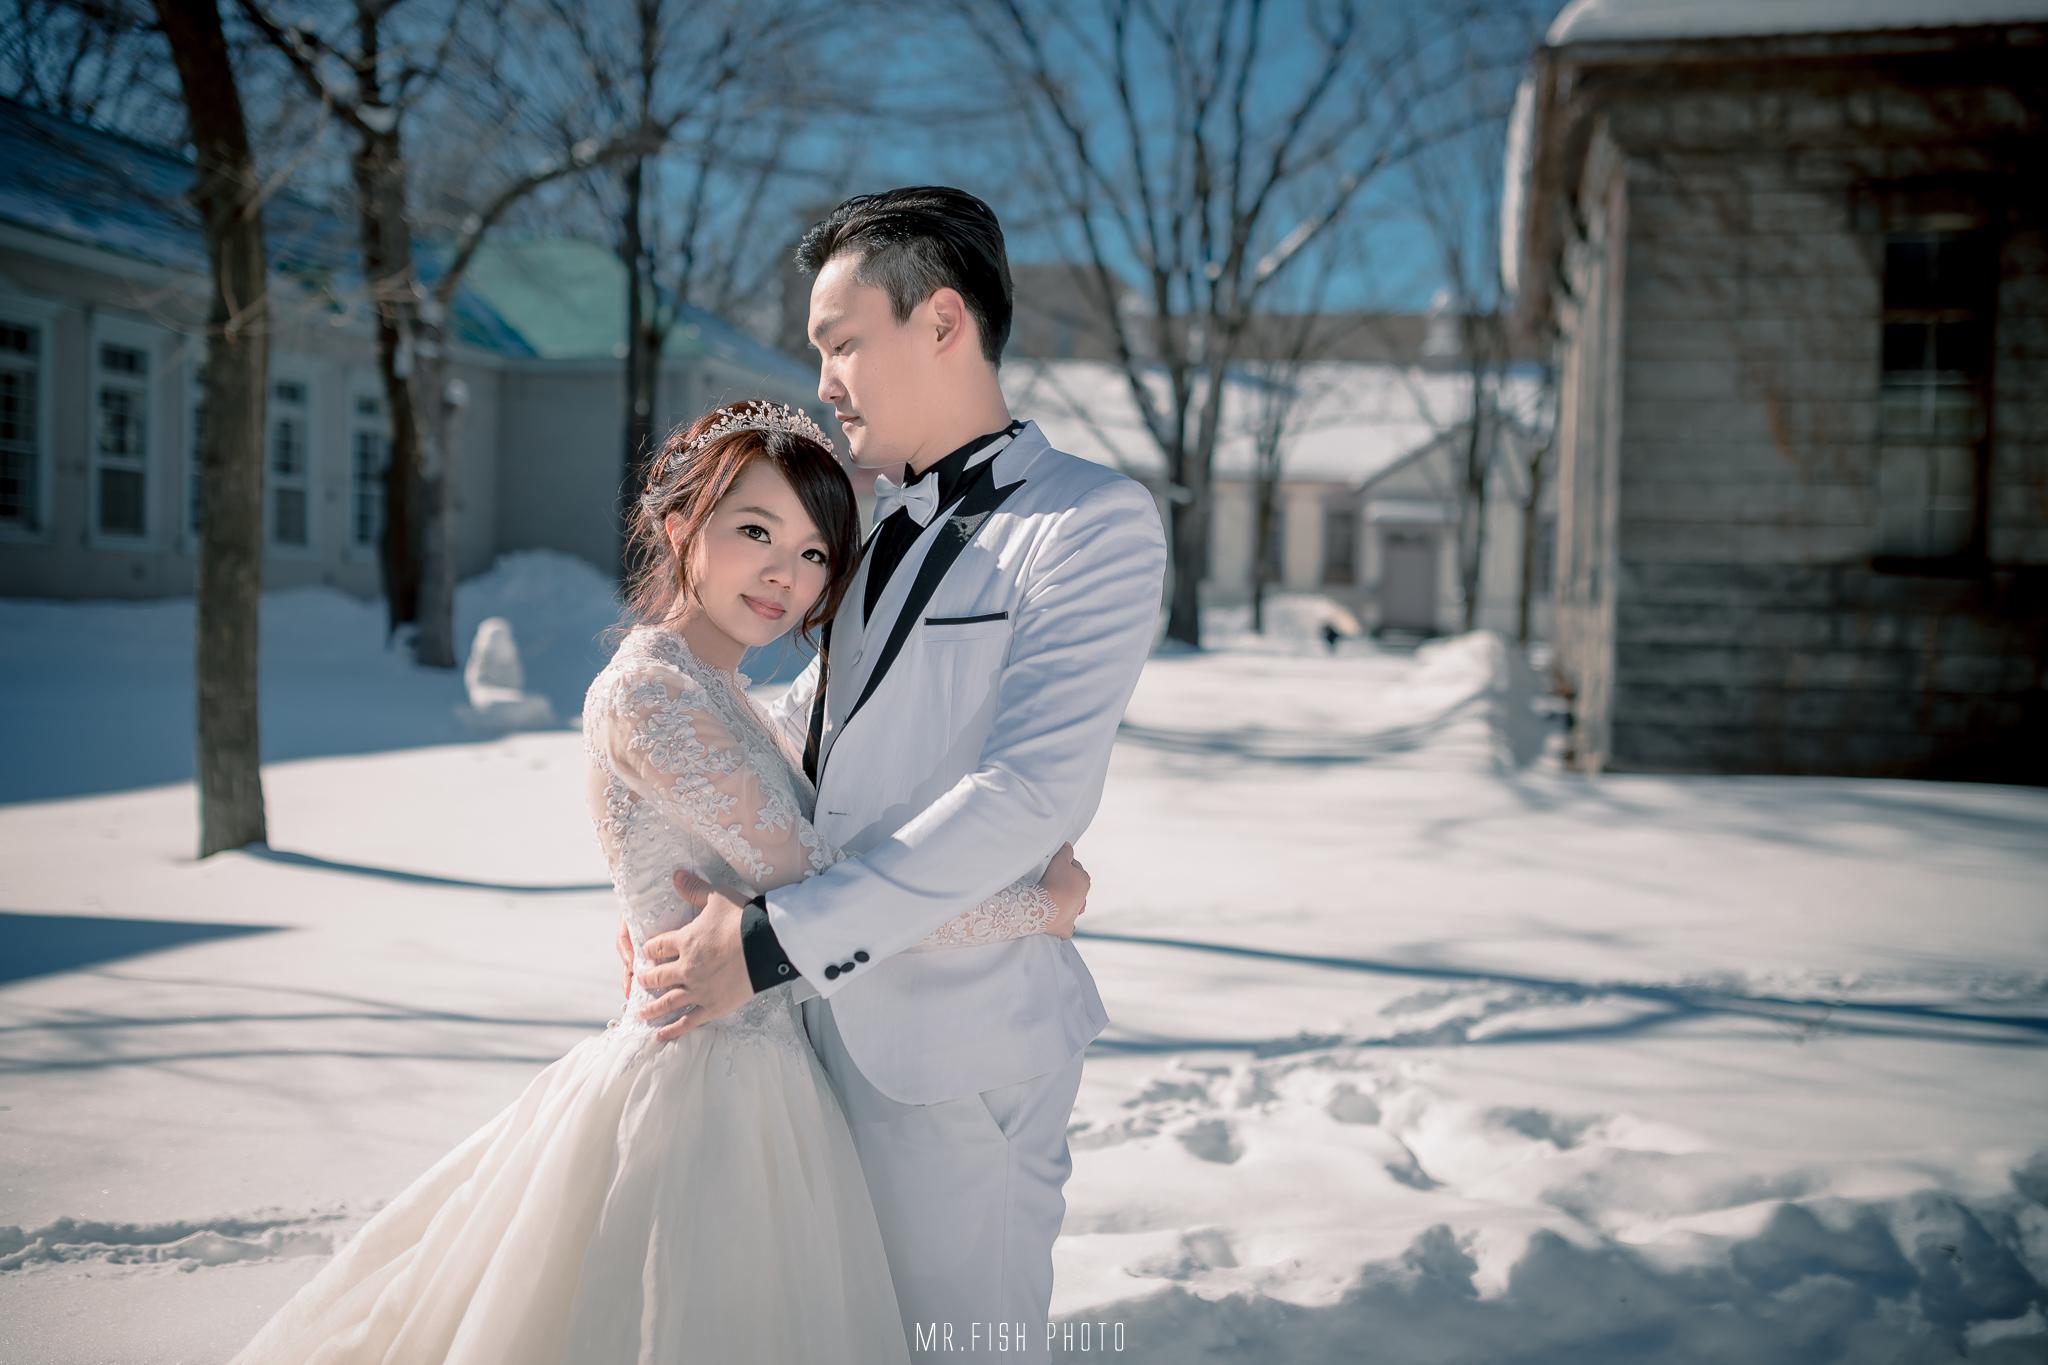 【2016北海道雪地婚紗】小瑛+小文